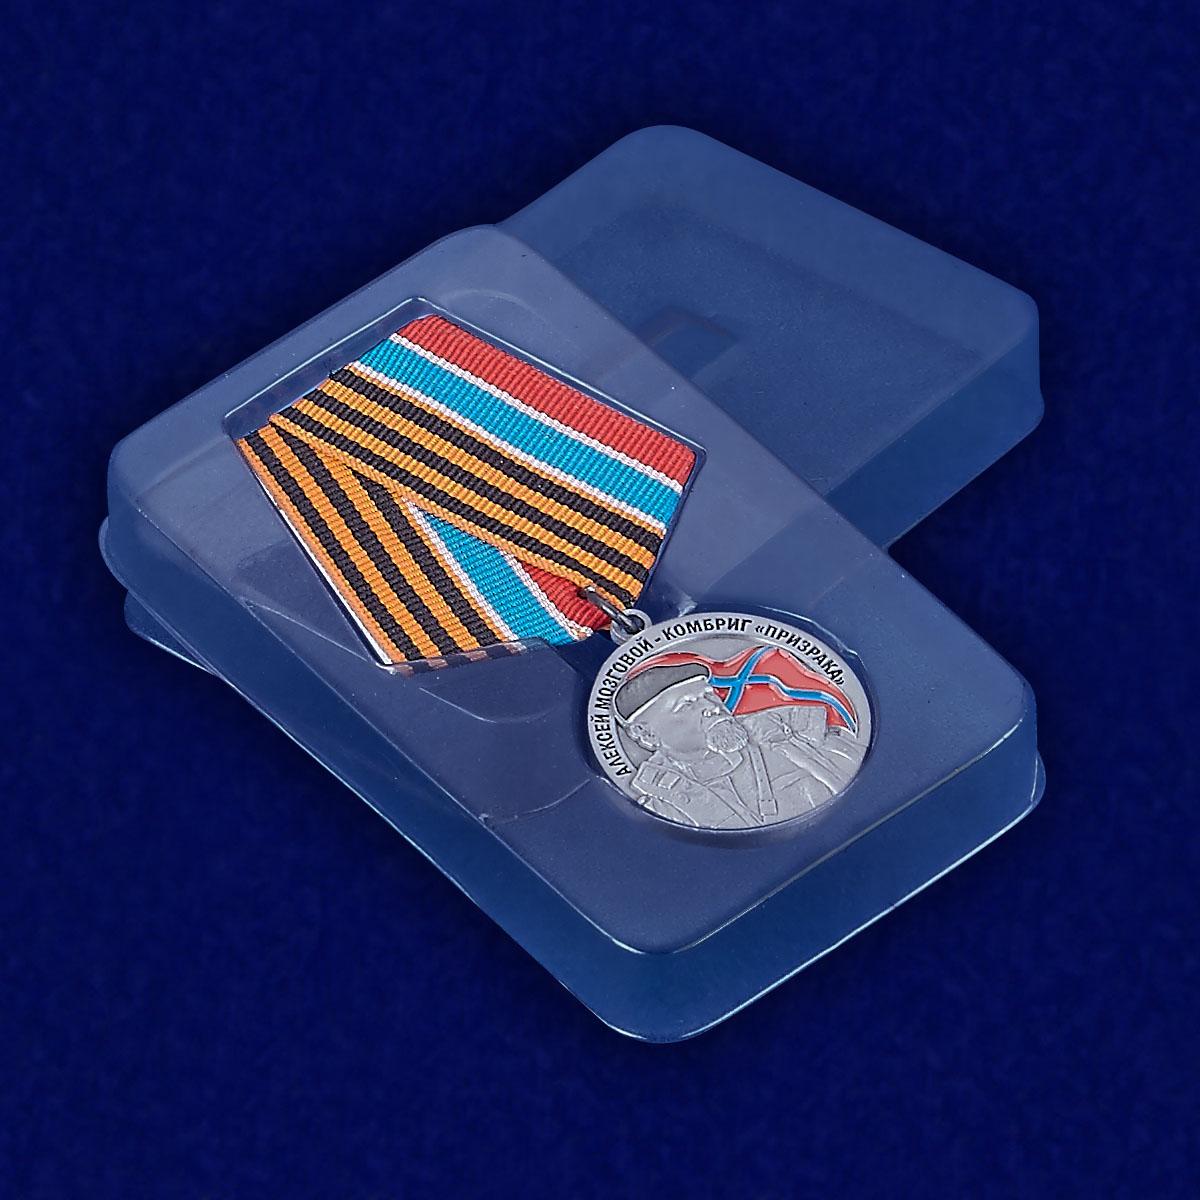 """Медаль """"Комбриг Призрака Алексей Мозговой"""" - вид в футляре"""